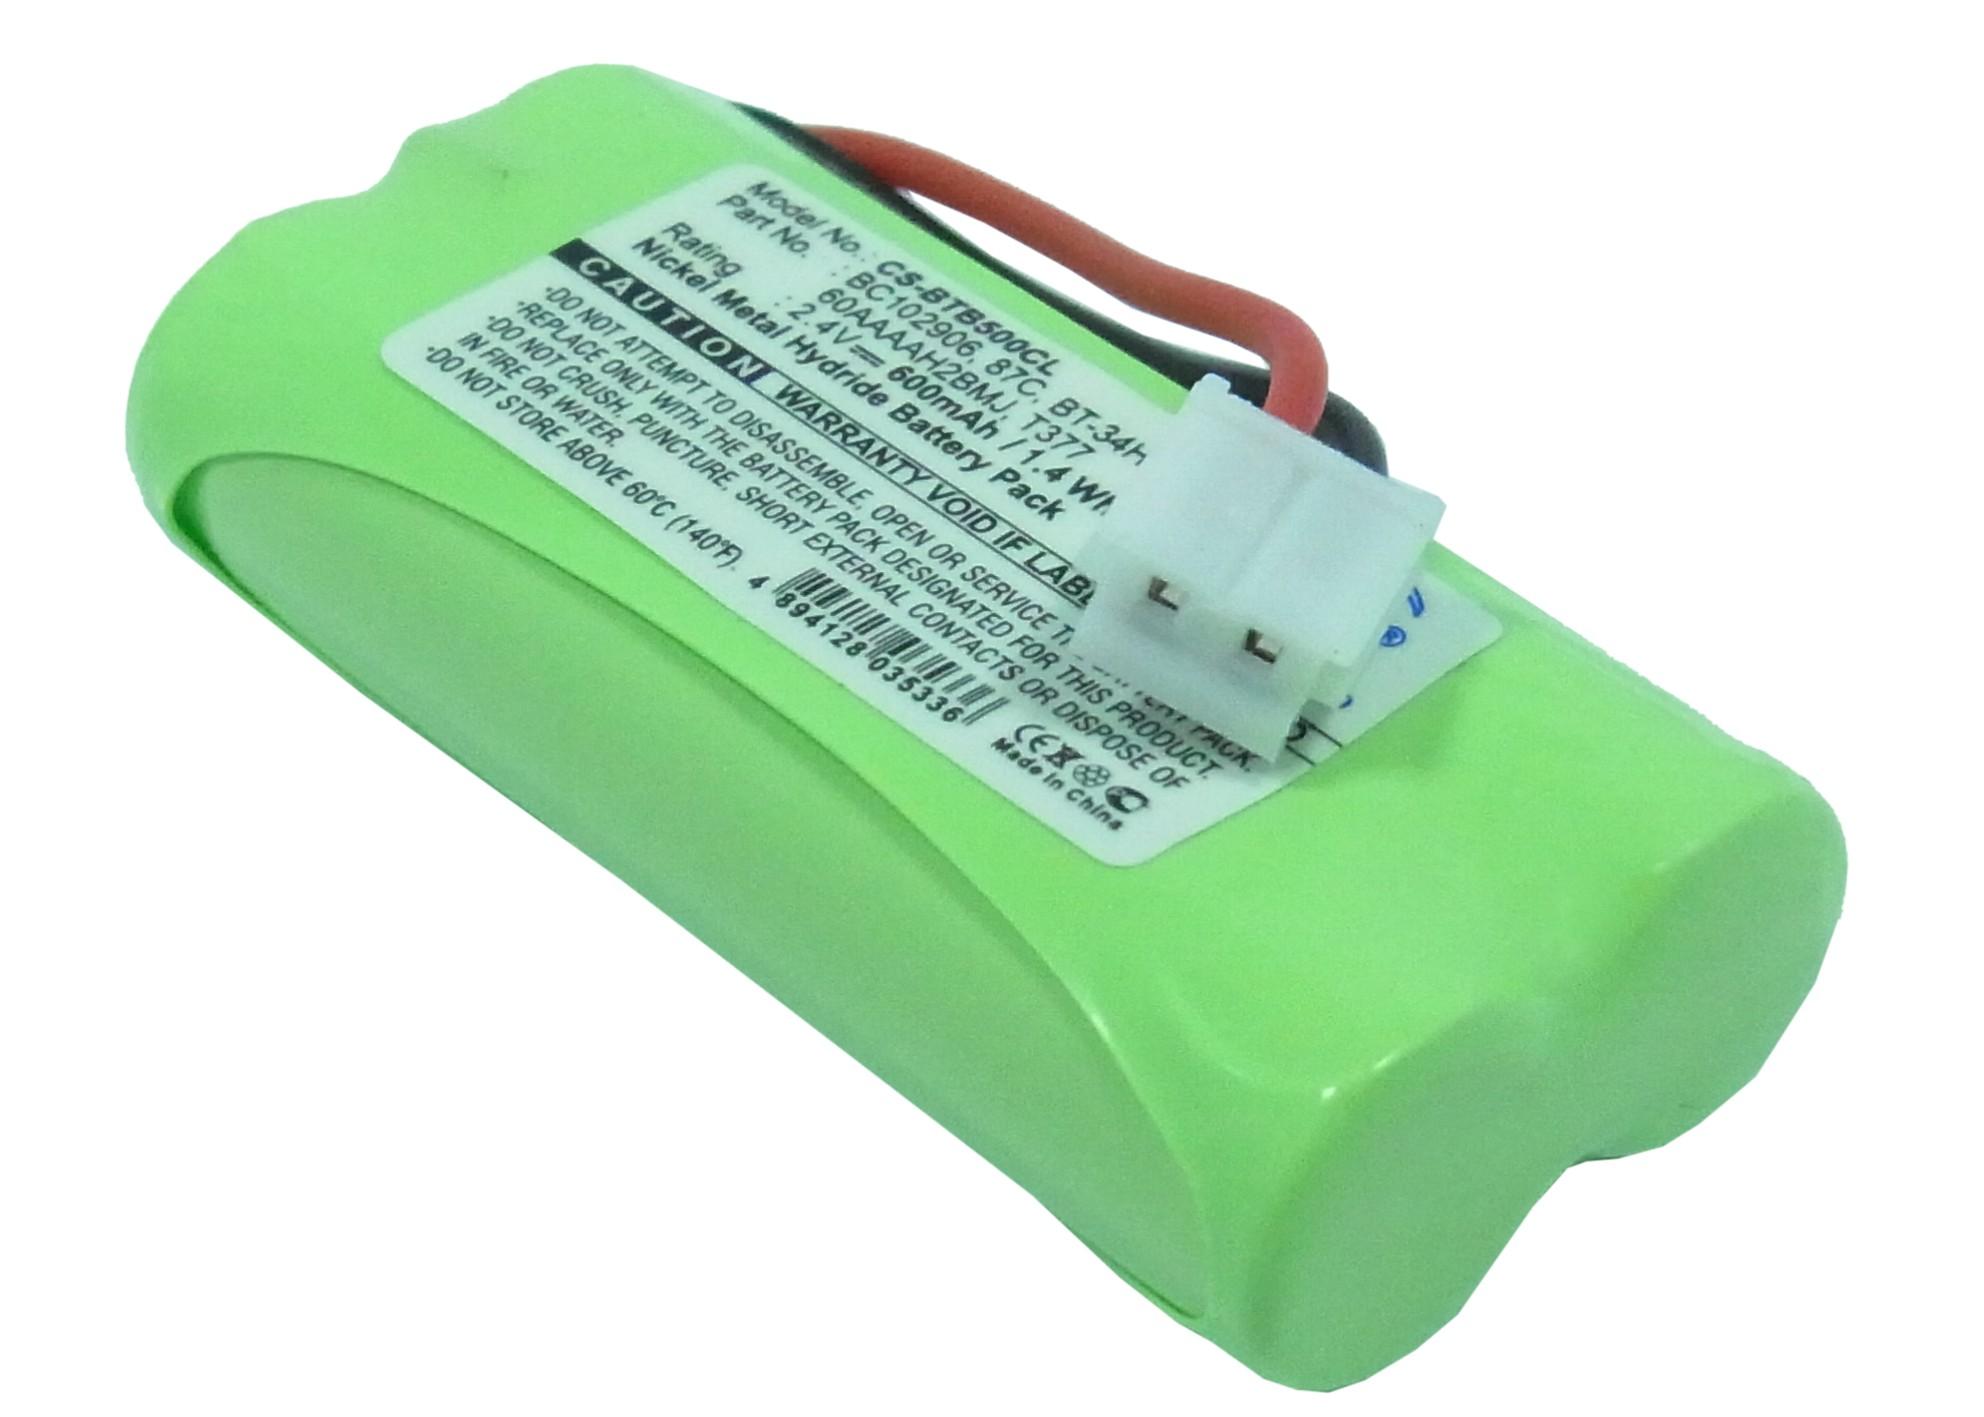 Cameron Sino baterie do bezdrátových telefonů pro LEXIBOOK DP 411 2.4V Ni-MH 600mAh zelená - neoriginální